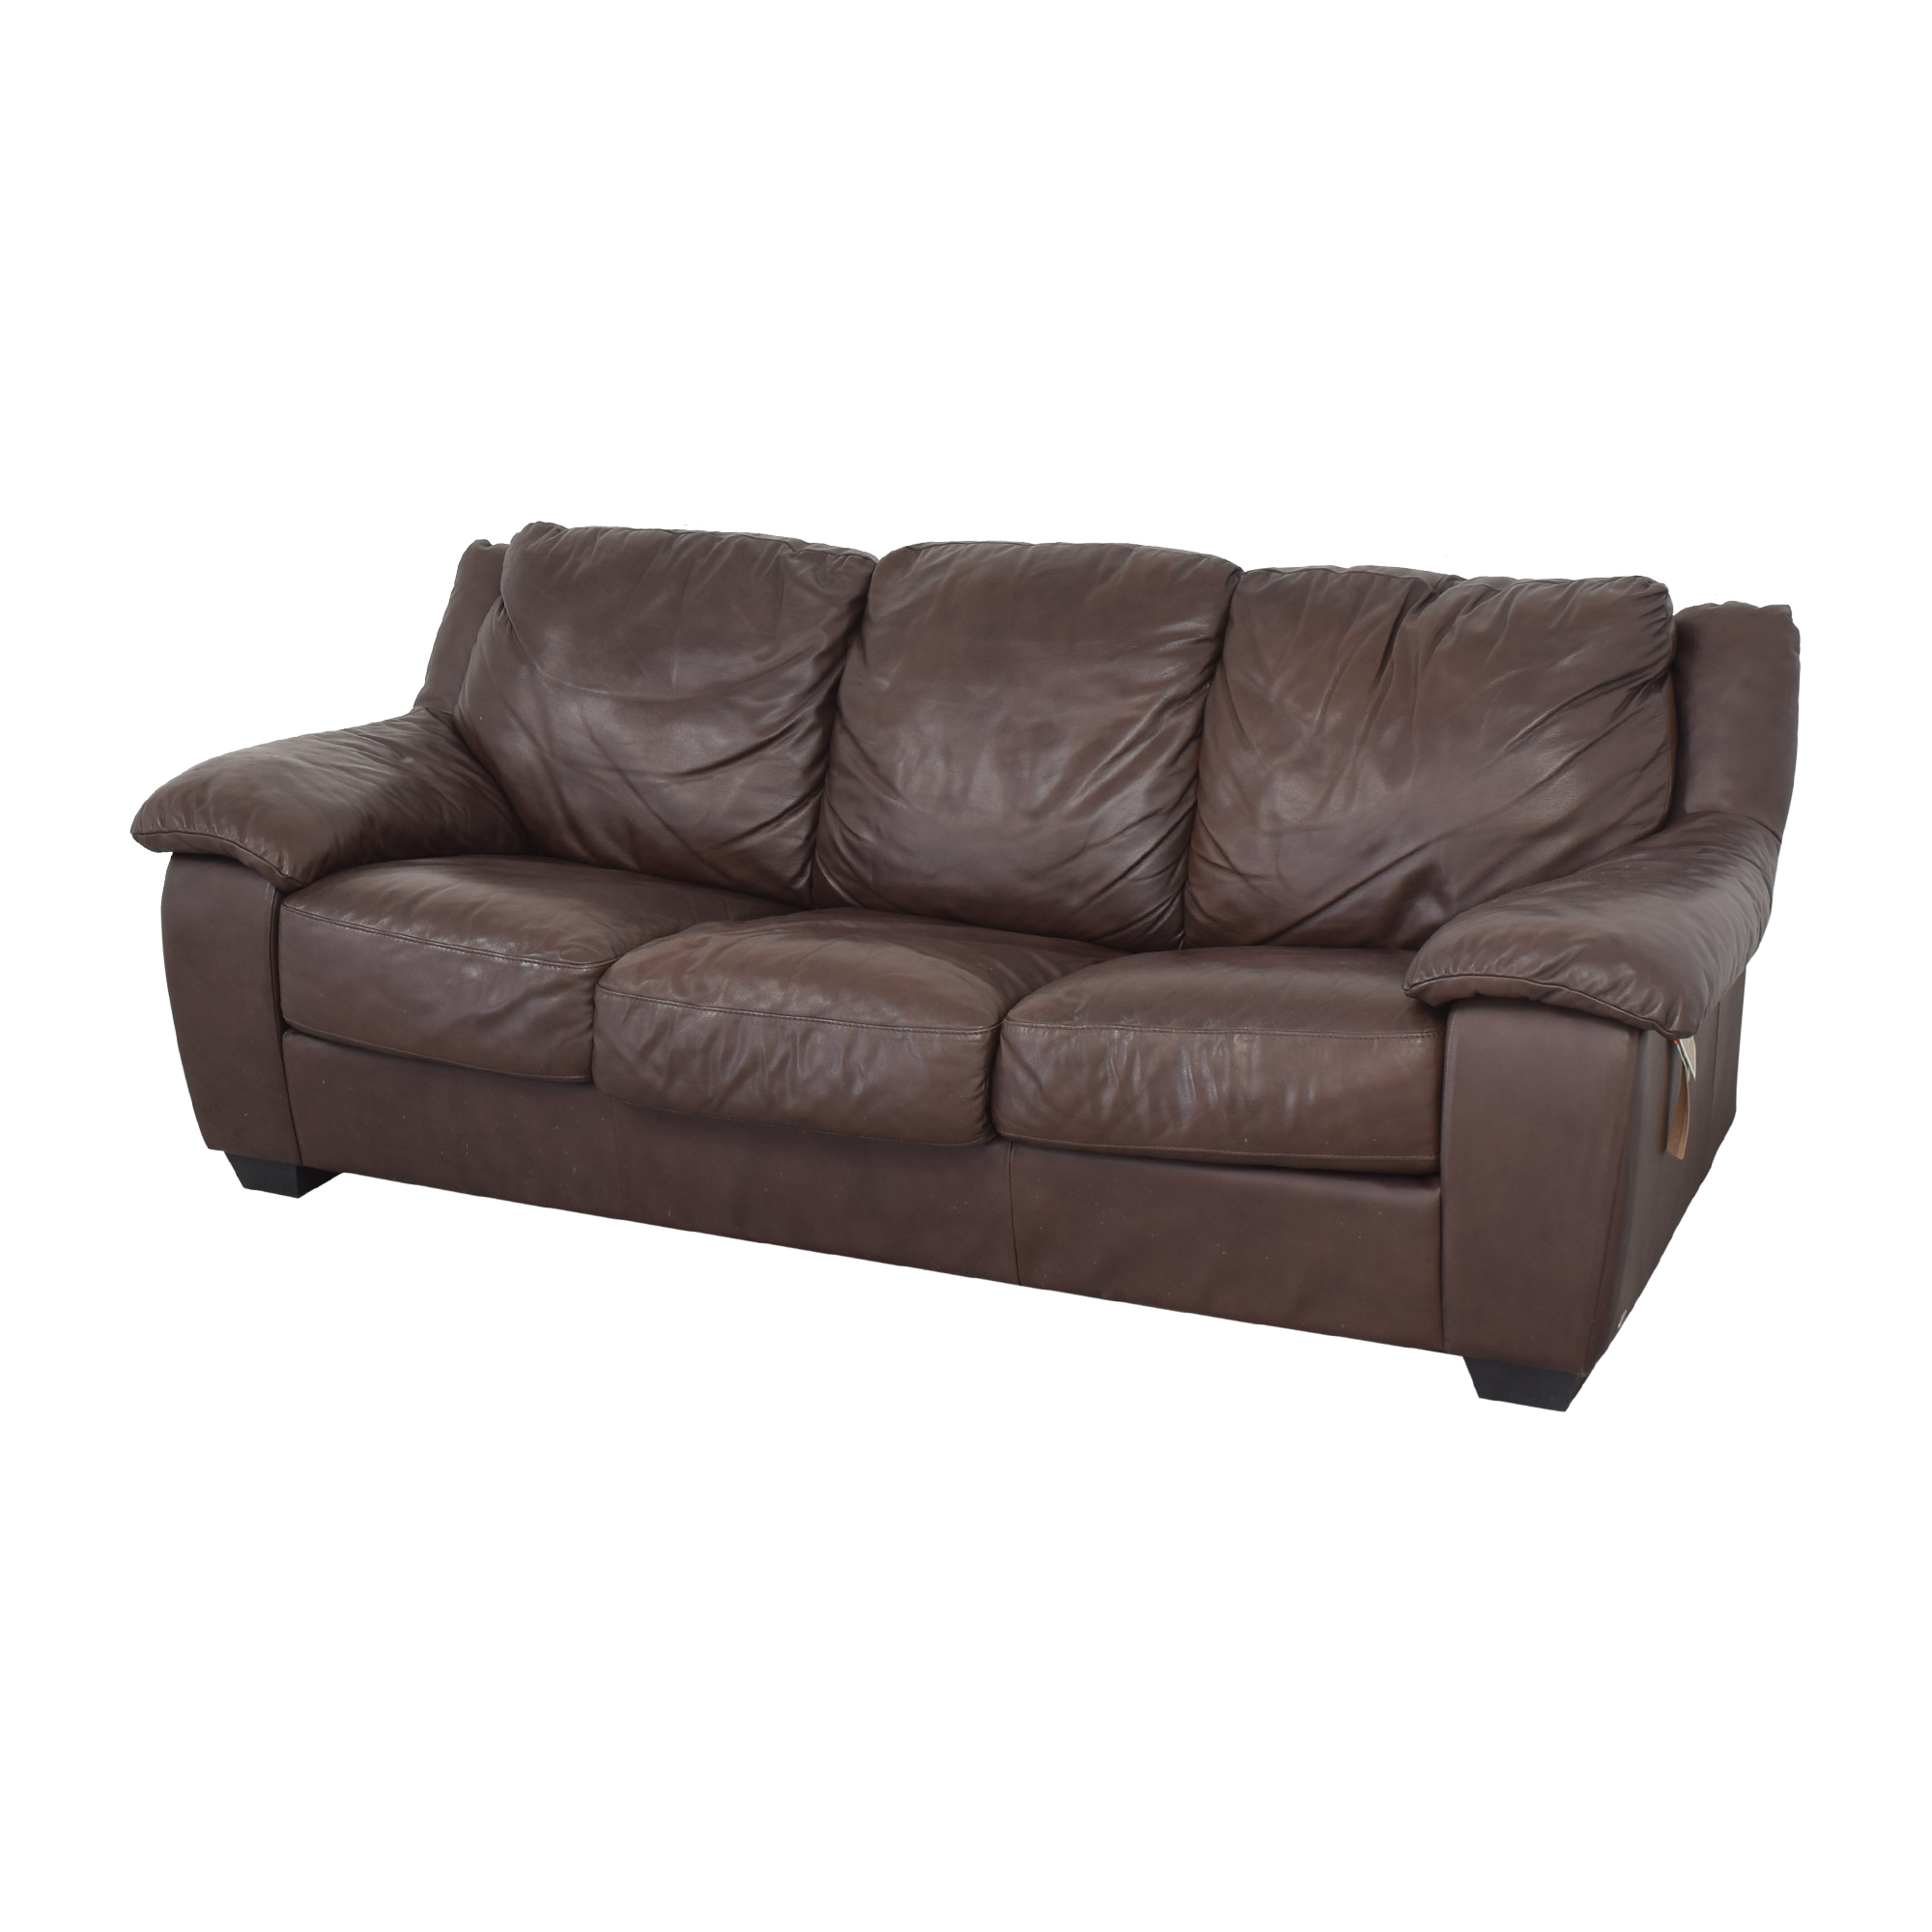 Macy's Macy's Lothan Queen Sleeper Sofa nyc